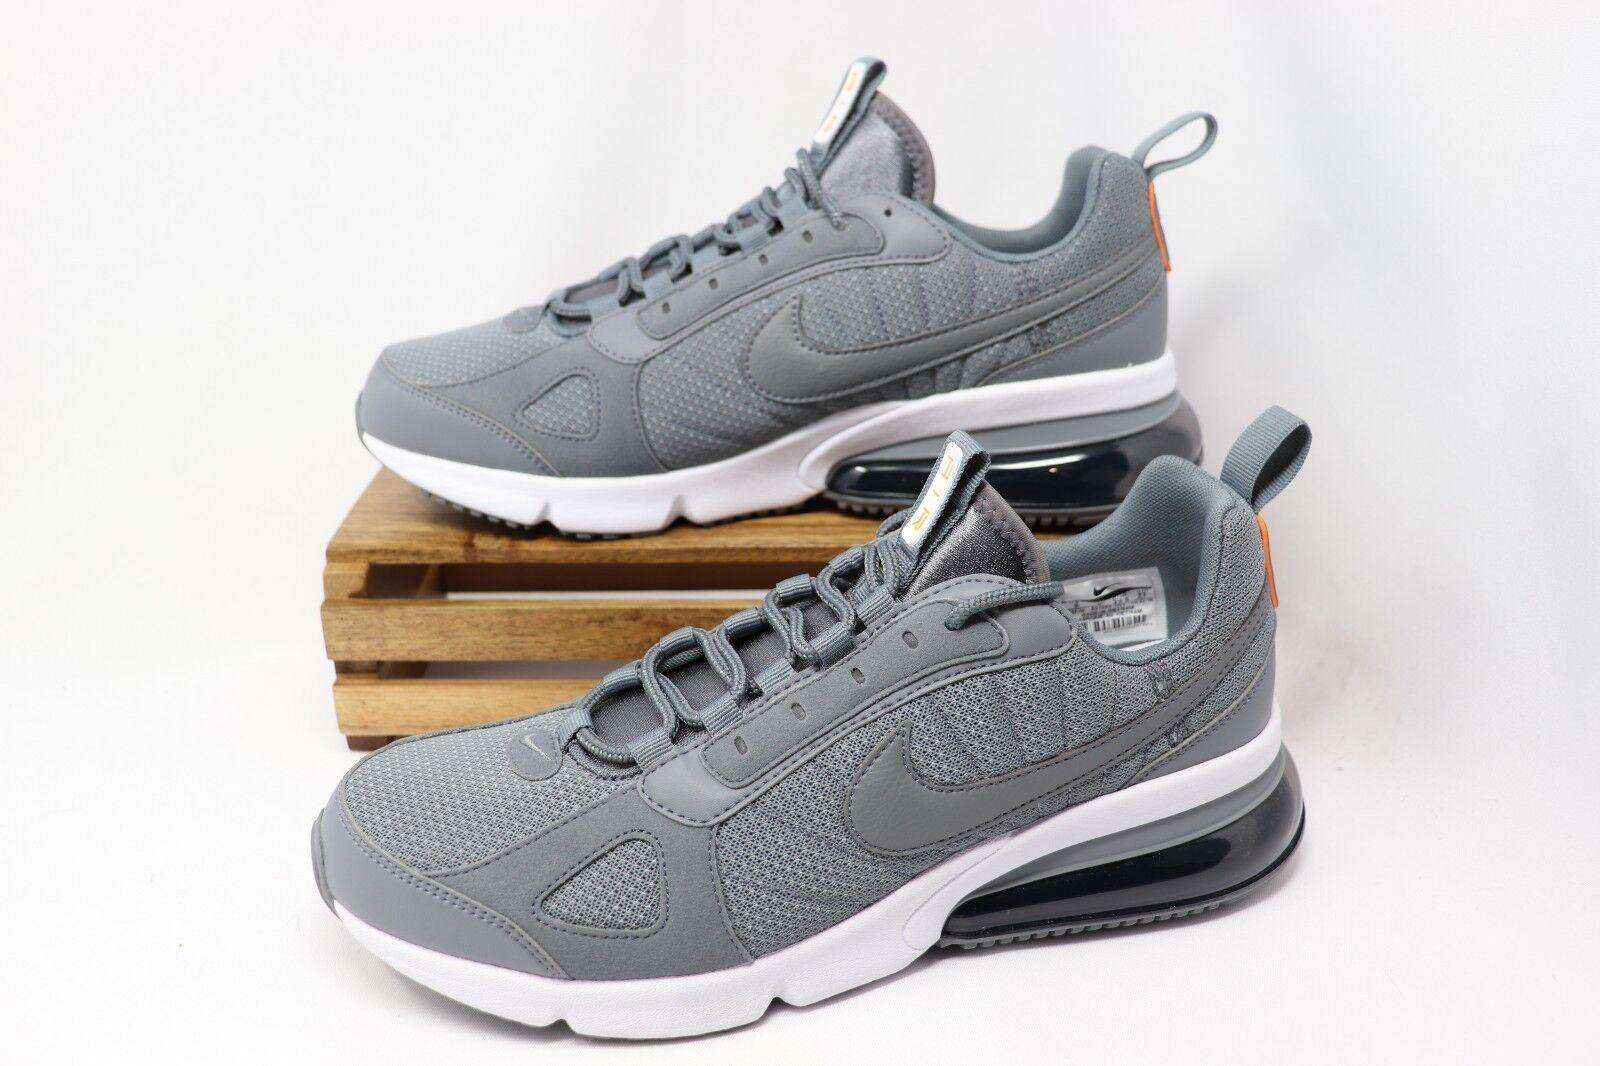 Nike air max 270 futura futura futura di scarpe da corsa, fico, grigio e bianco ao1569-004 uomini nuovi   Abile Fabbricazione  1c980c